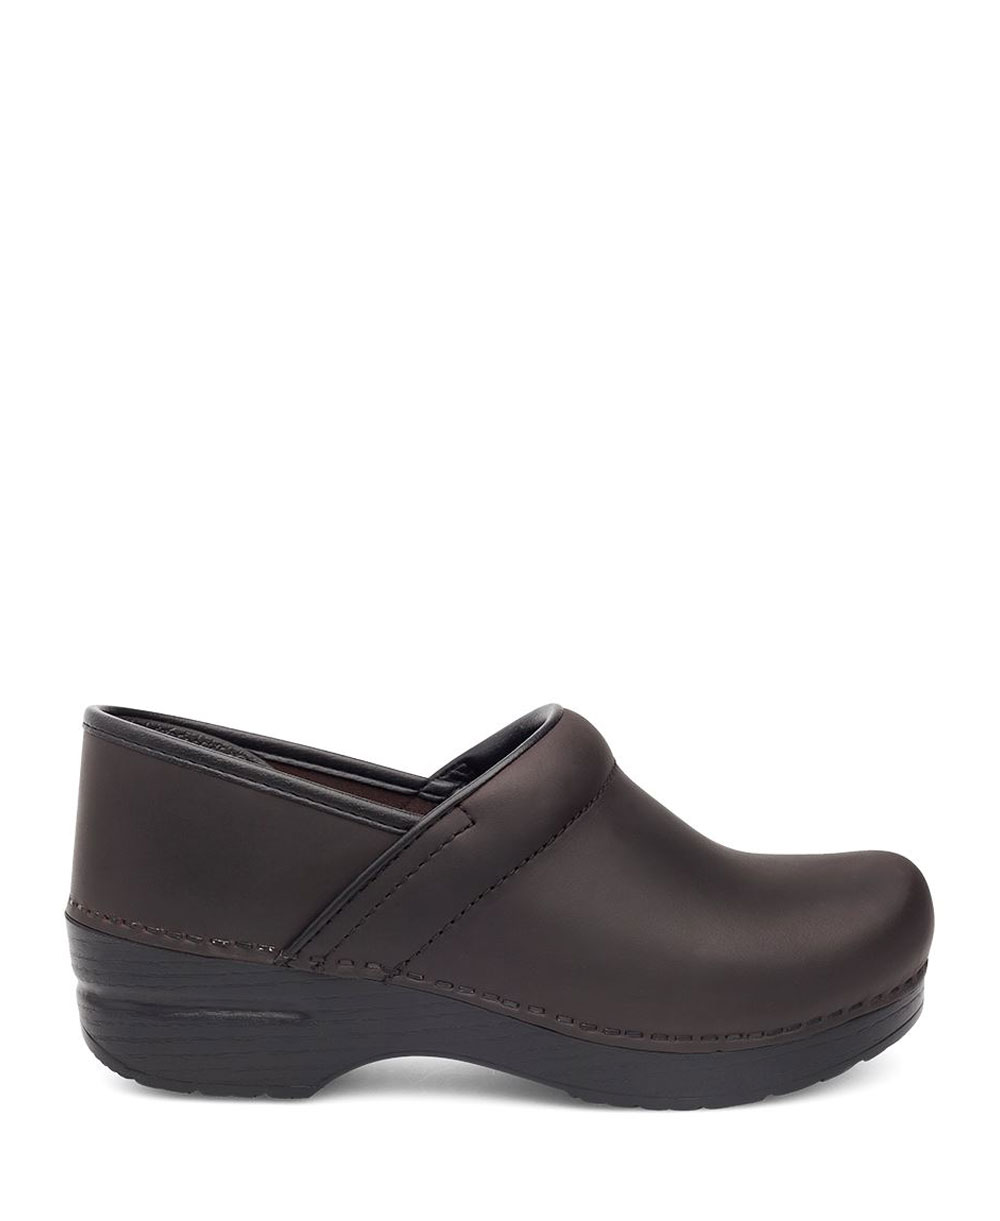 autorizzazione ufficiale Dansko Dansko Dansko - Professional Oiled Leather Zoccoli in Pelle Donna Antique Marrone nero  marchio in liquidazione